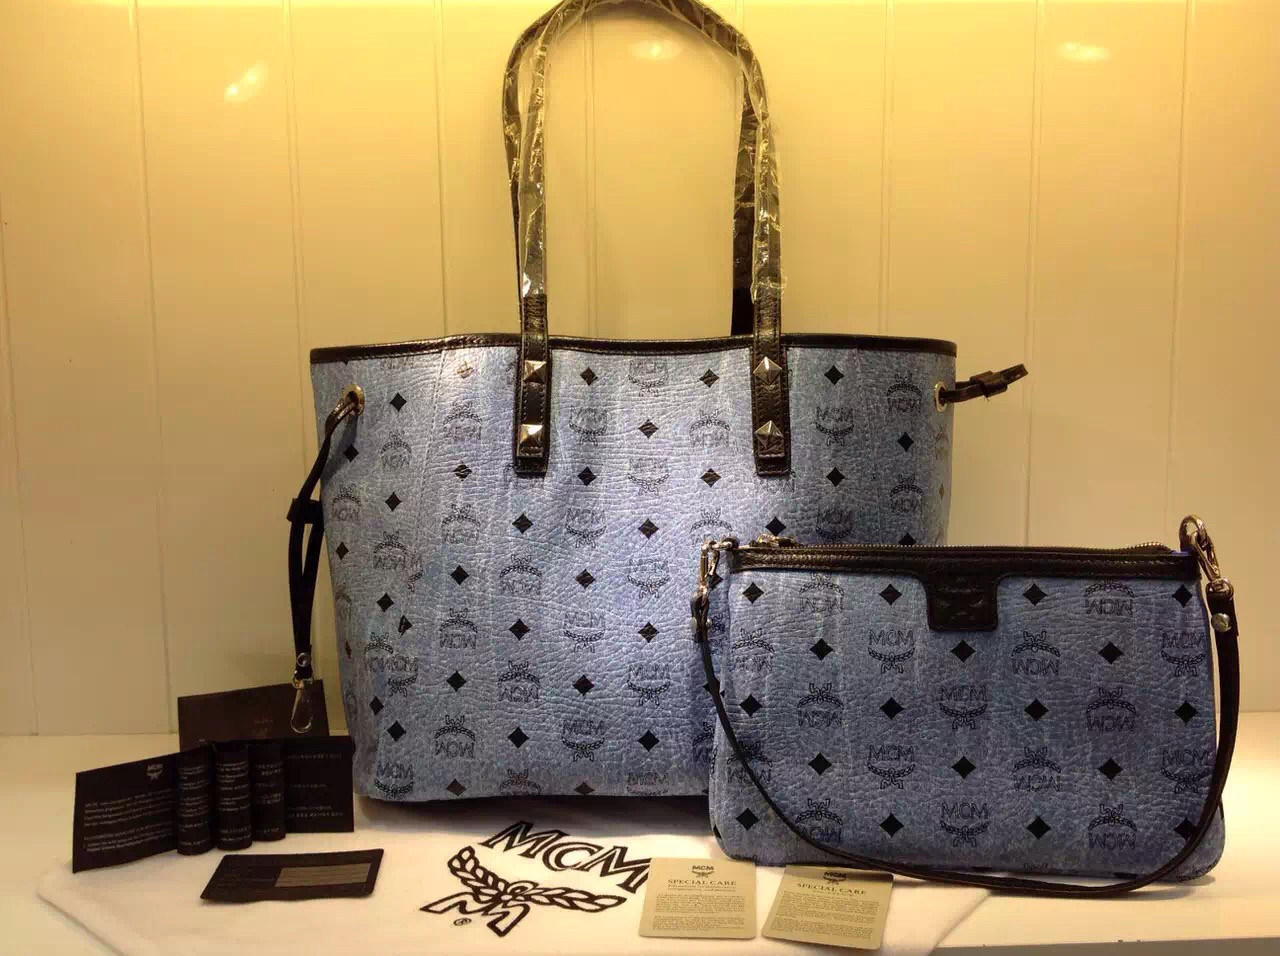 广州MCM 专柜款式推荐 子母购物袋 水洗蓝时尚包包 一件代发